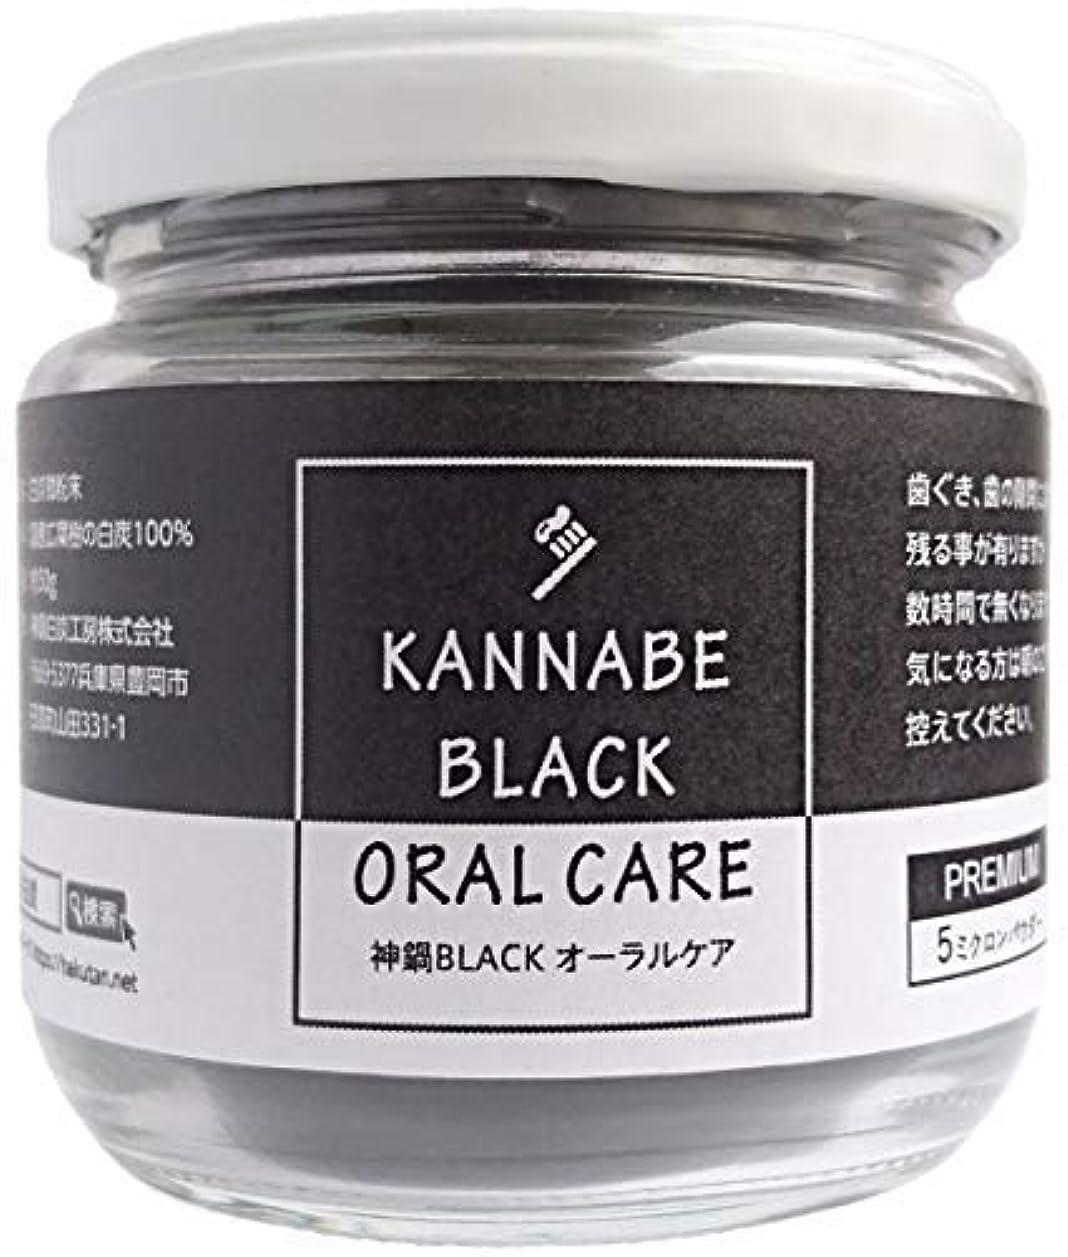 に応じてゲージ対話ホワイトニング オーラルケア 歯磨き 口臭 炭パウダー チャコール 5ミクロン 神鍋BLACK 独自白炭製法 50g